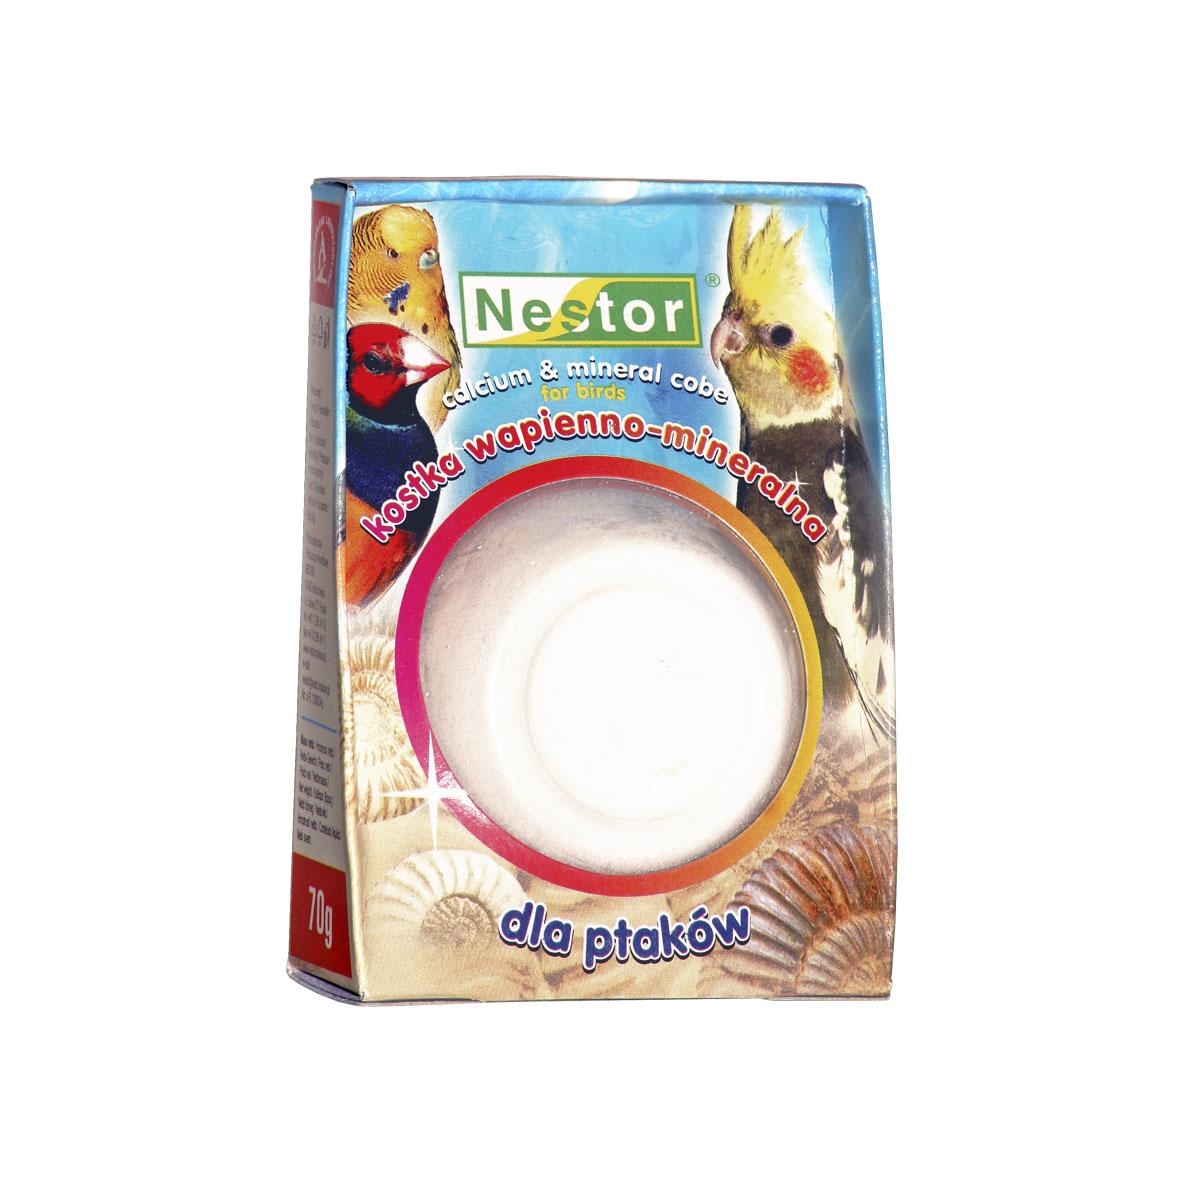 NESTOR Cubo calcio & minerales Pájaros 55g